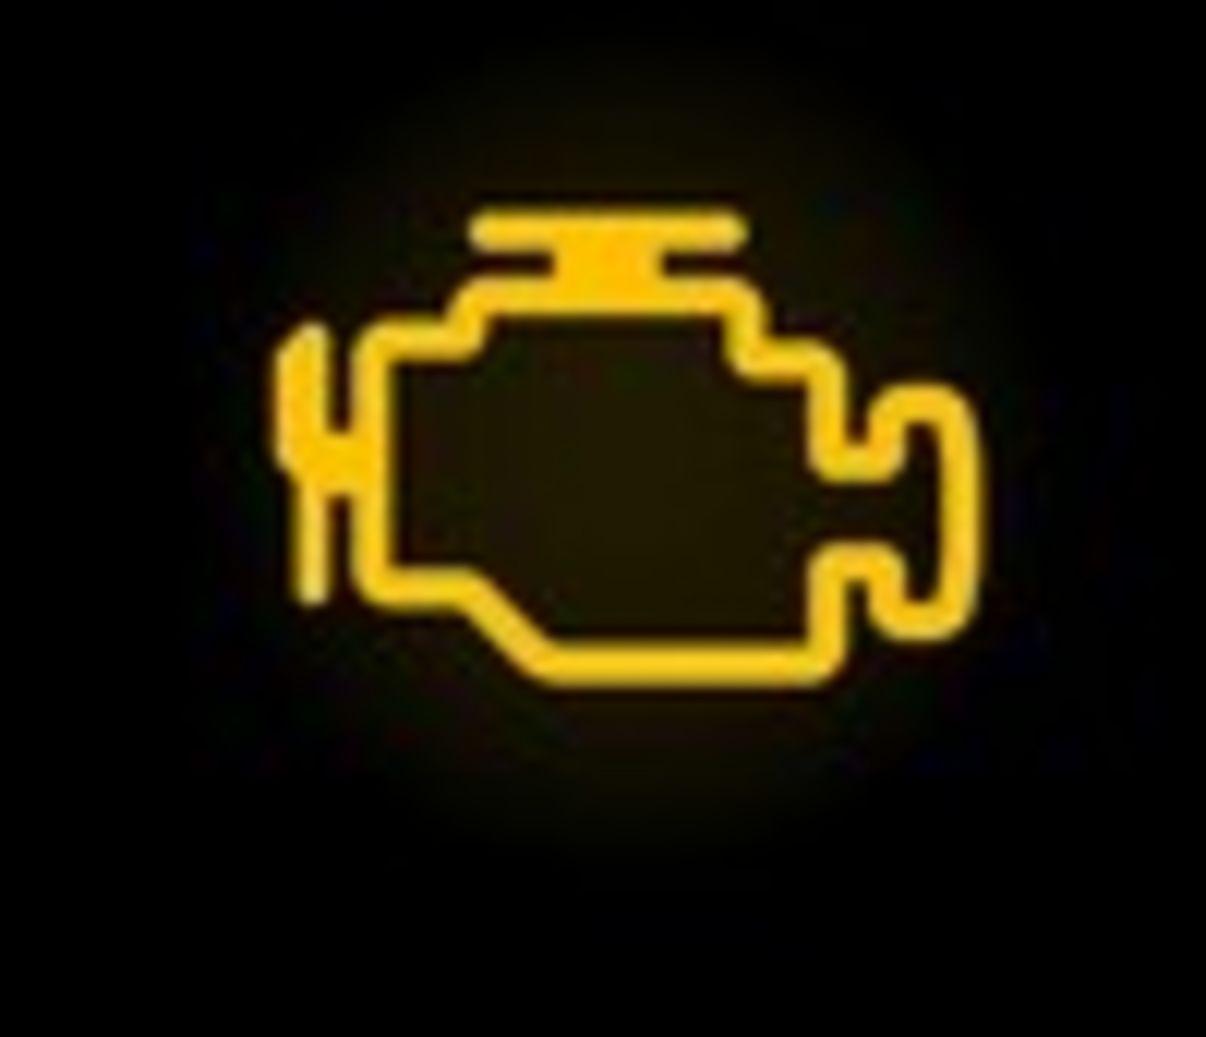 נורת אזהרה ברכב מנוע